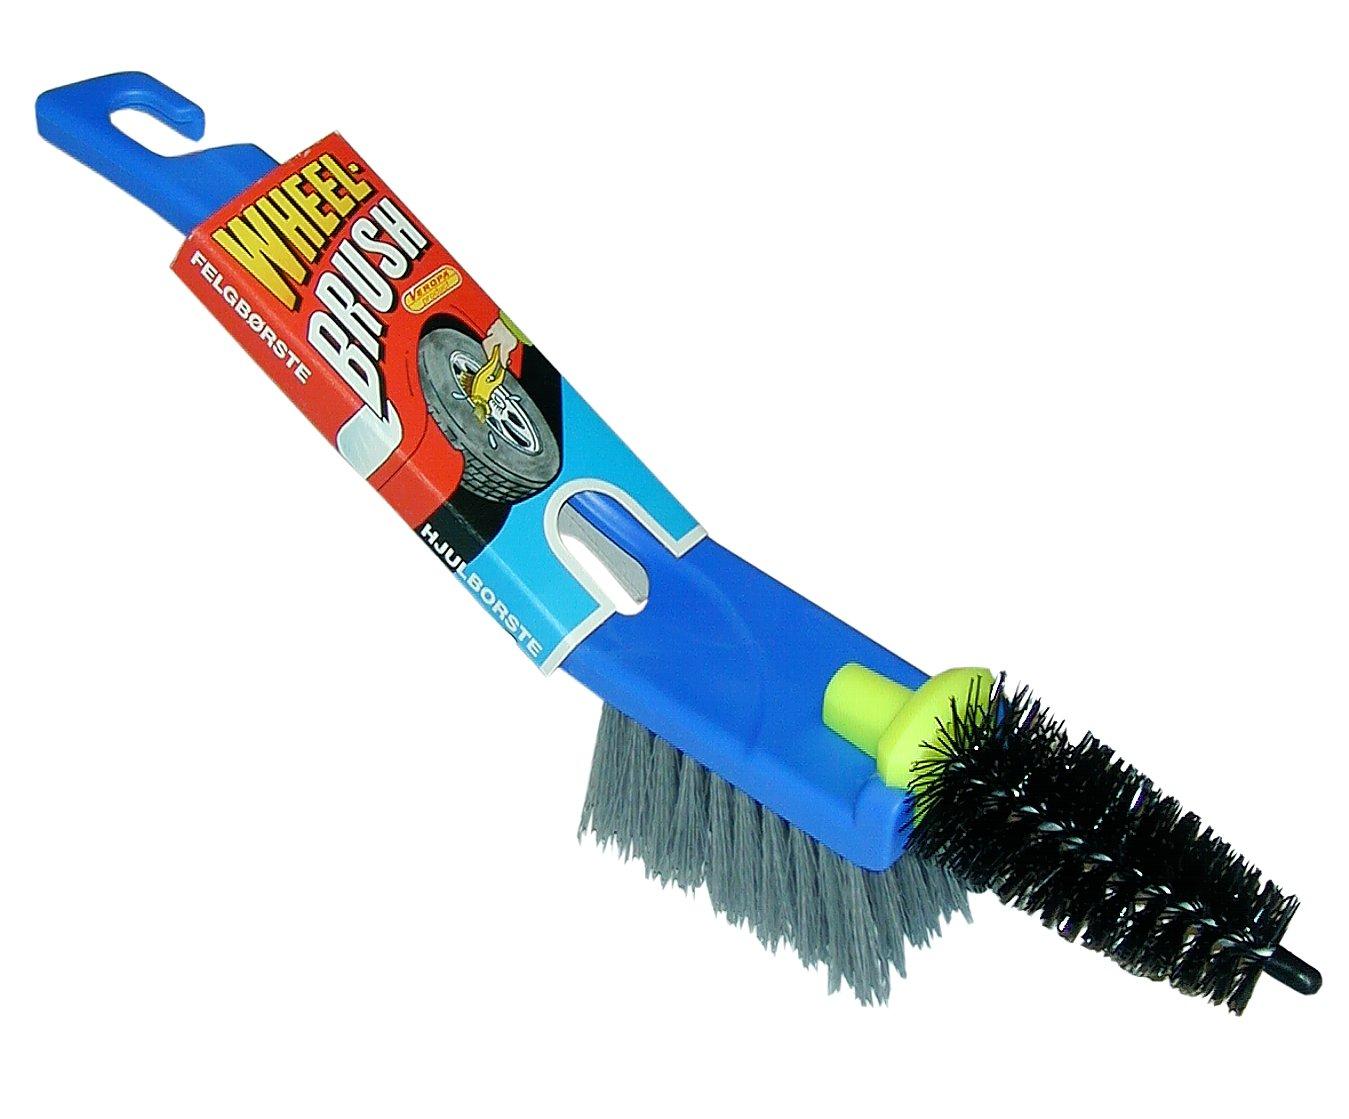 Veropa Cepillo para llantas Twin (2 en 1) con cepillo plano y cepillo de precisió n có nico para una limpieza completa de las llantas. 6031/1